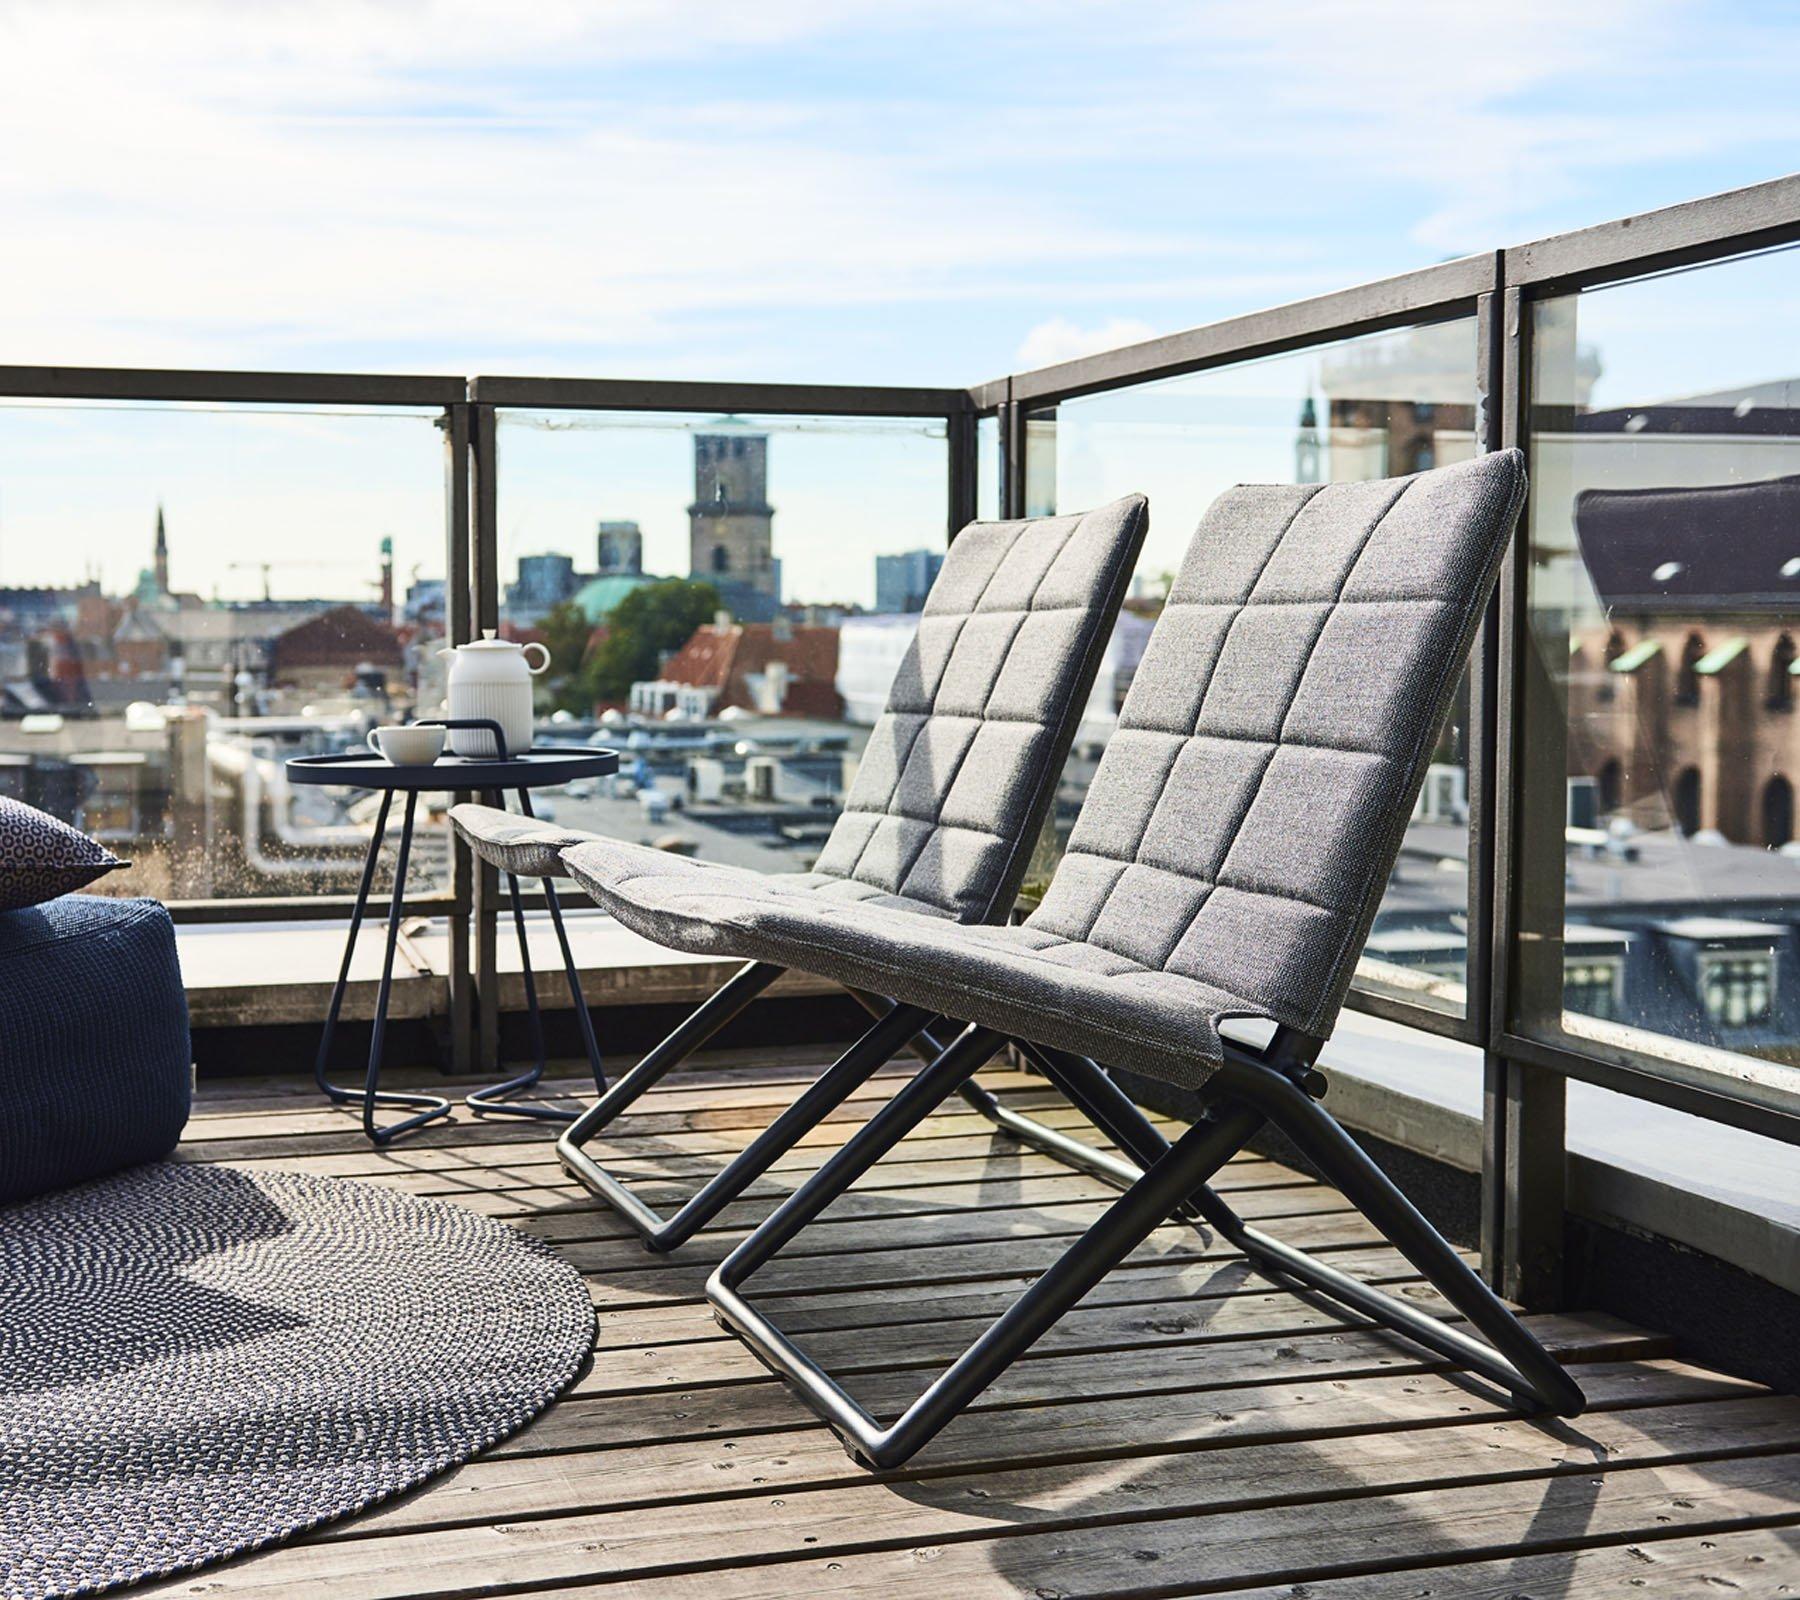 Full Size of Lounge Klappstuhl Cane Line Traveller Stuhl Sofa Garten Loungemöbel Holz Möbel Set Sessel Günstig Wohnzimmer Lounge Klappstuhl